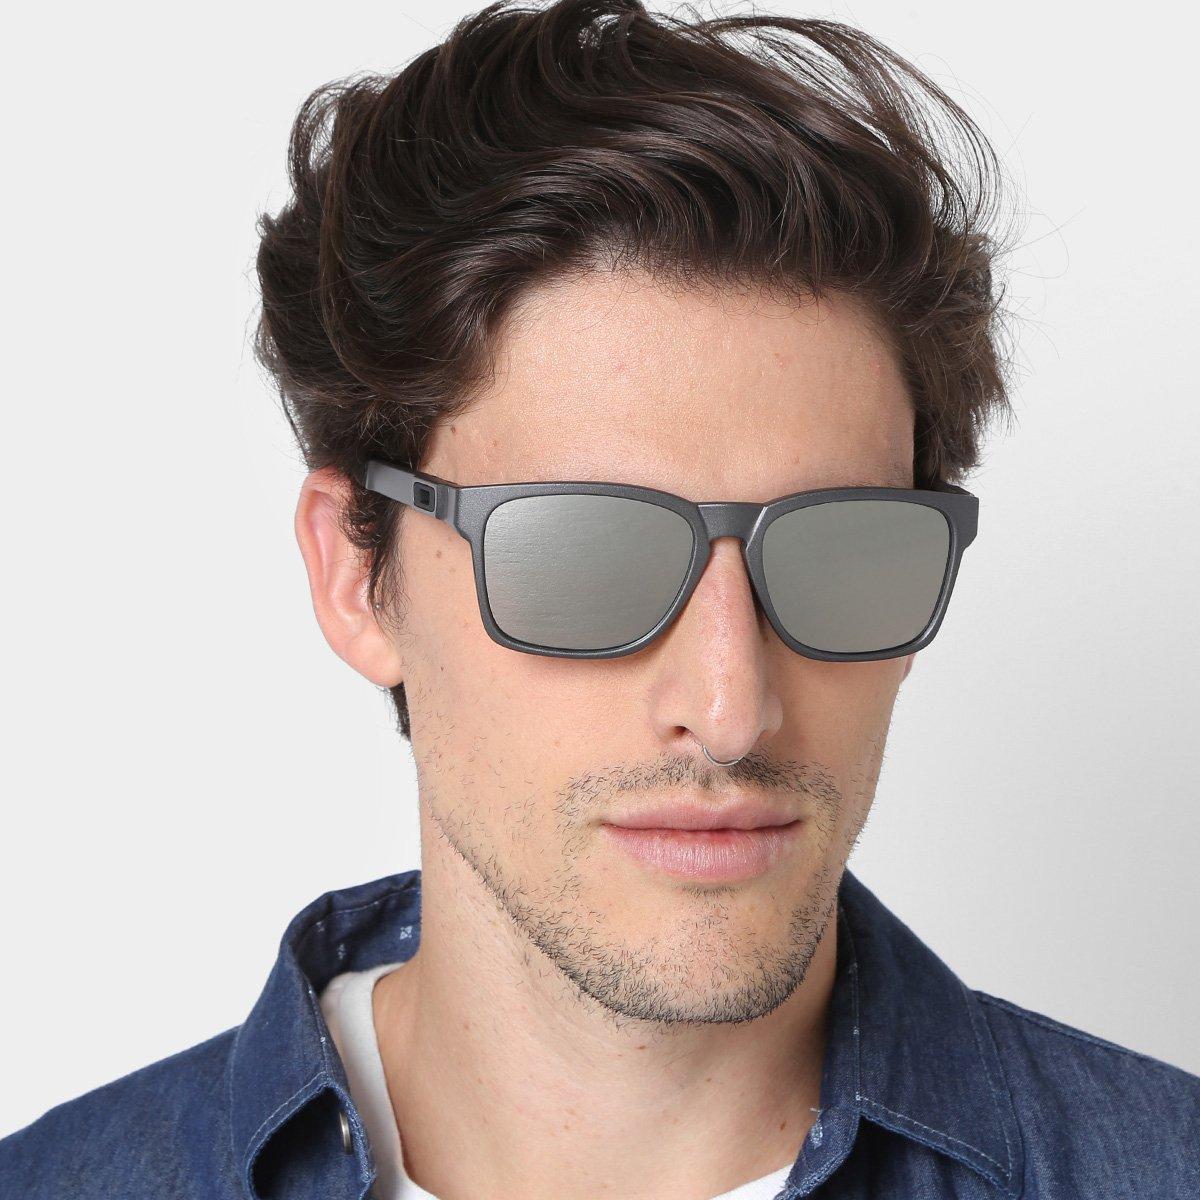 9801a2a81 Óculos de Sol Oakley Catalyst Iridium Masculino | Livelo -Sua Vida com Mais  Recompensas